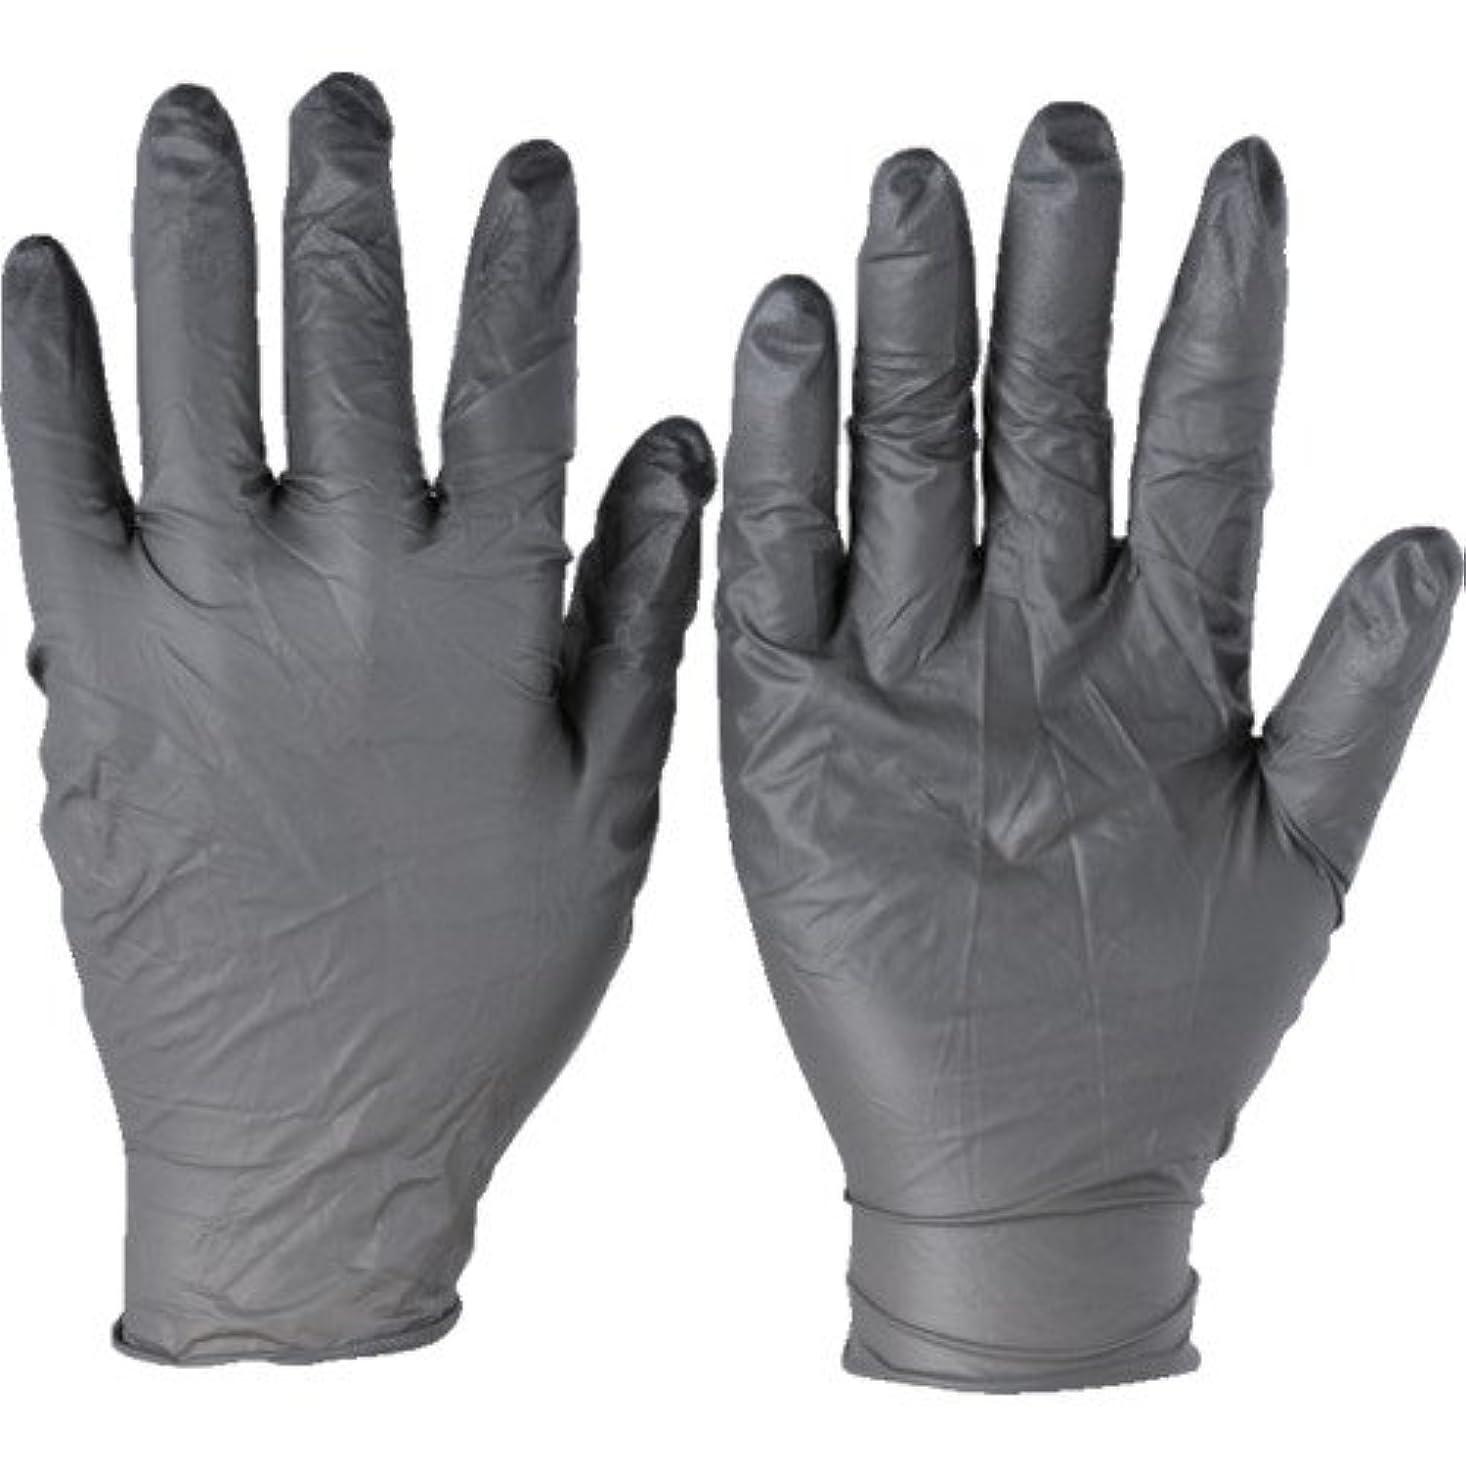 靴扱うキャロライントラスコ中山 アンセル ニトリルゴム使い捨て手袋 タッチエヌタフ 粉無 Mサイズ 100枚入 932508